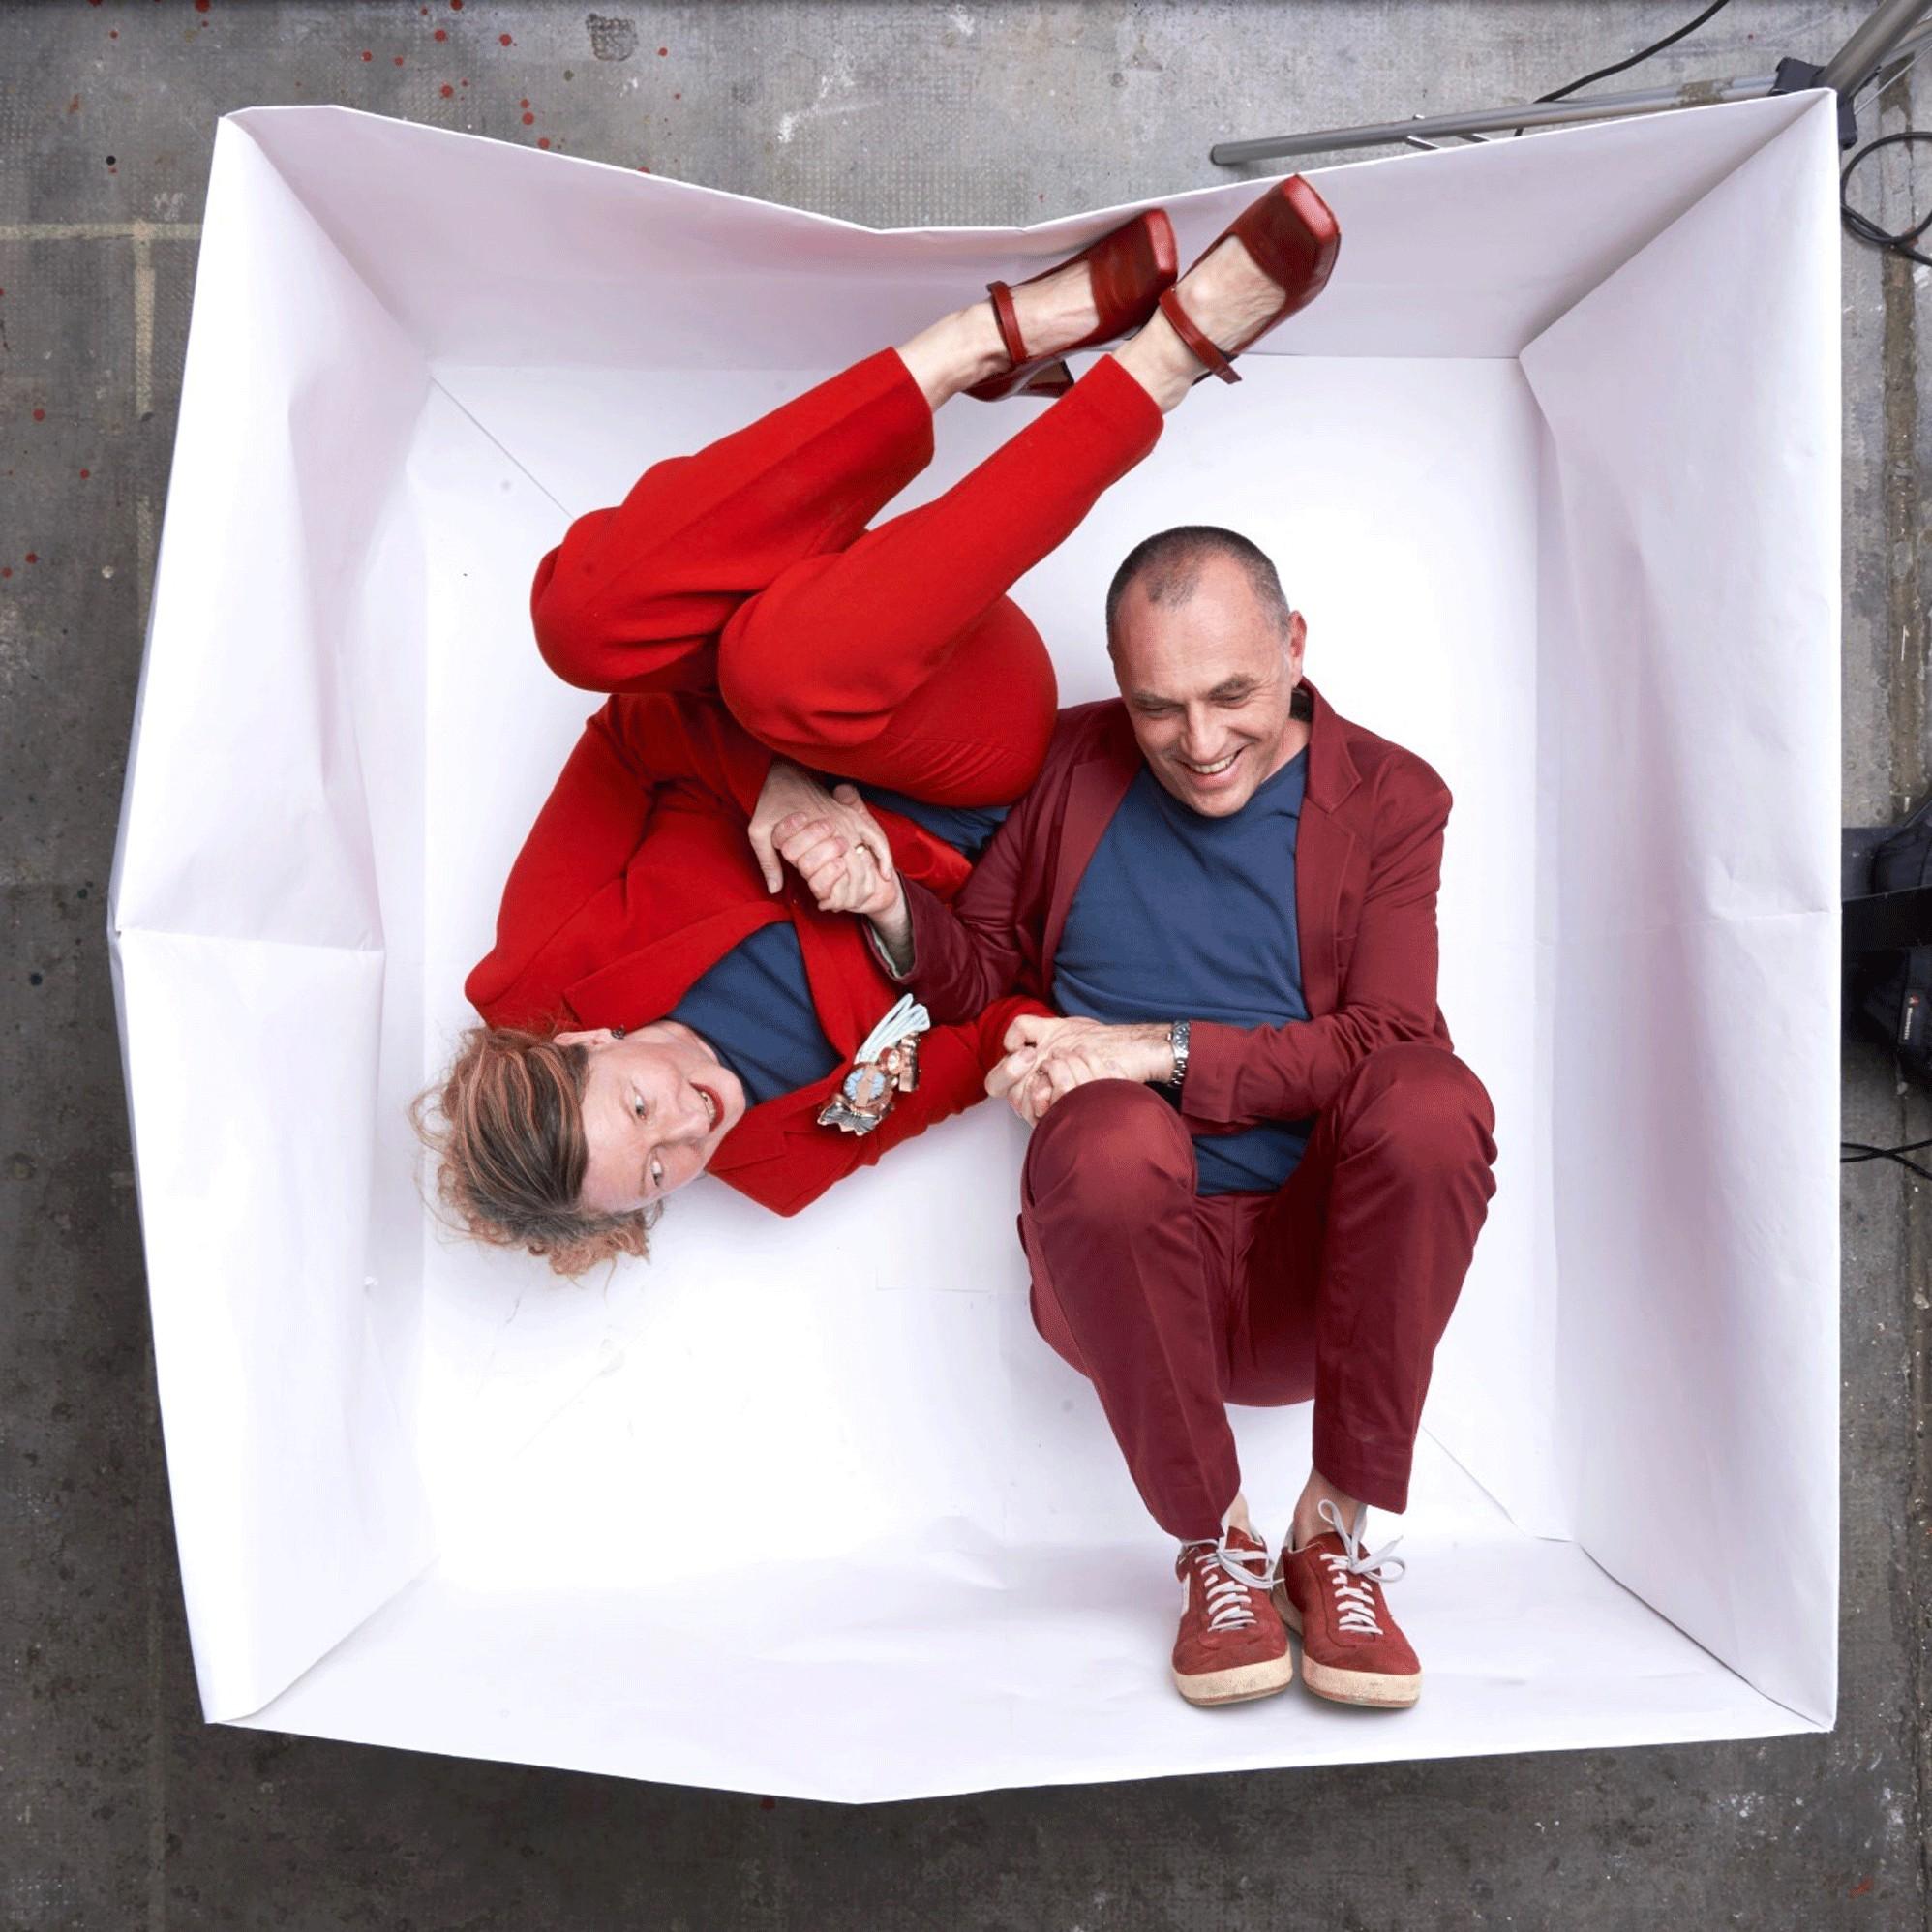 Helen Britton & David Bielander, Giftbox, Galerie Rob Koudijs, 2017. Foto met dank aan Galerie Rob Koudijs©